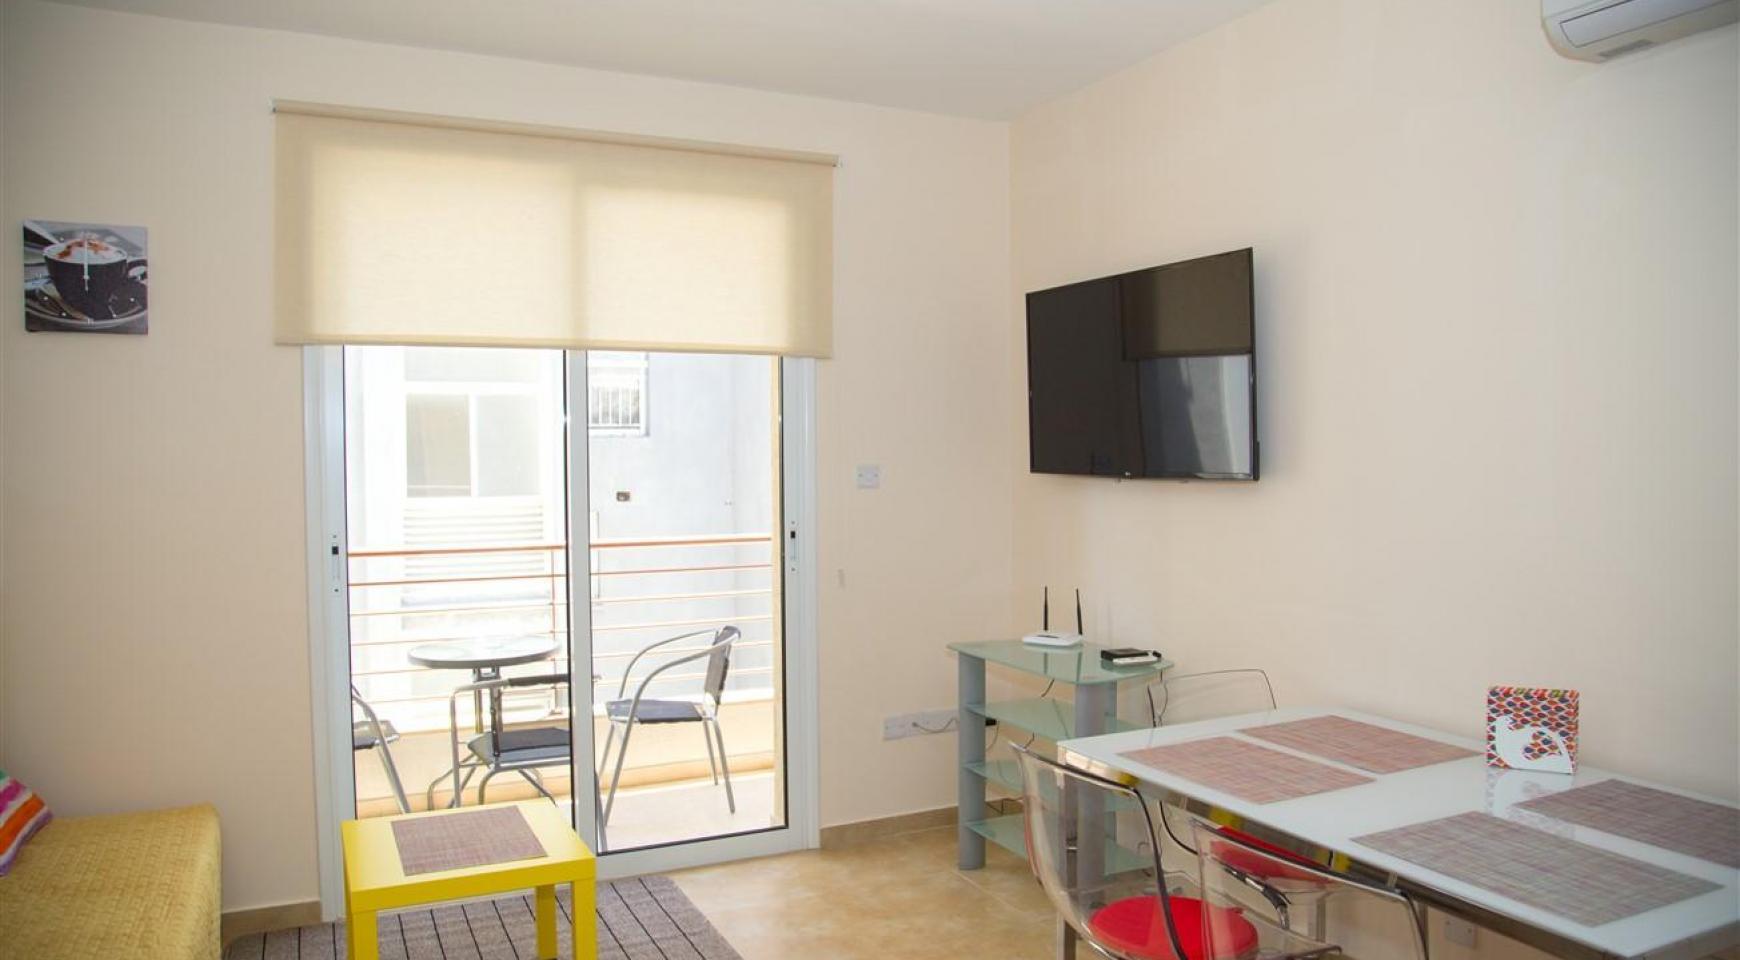 Studio Frida 102 in the Tourist area - 3